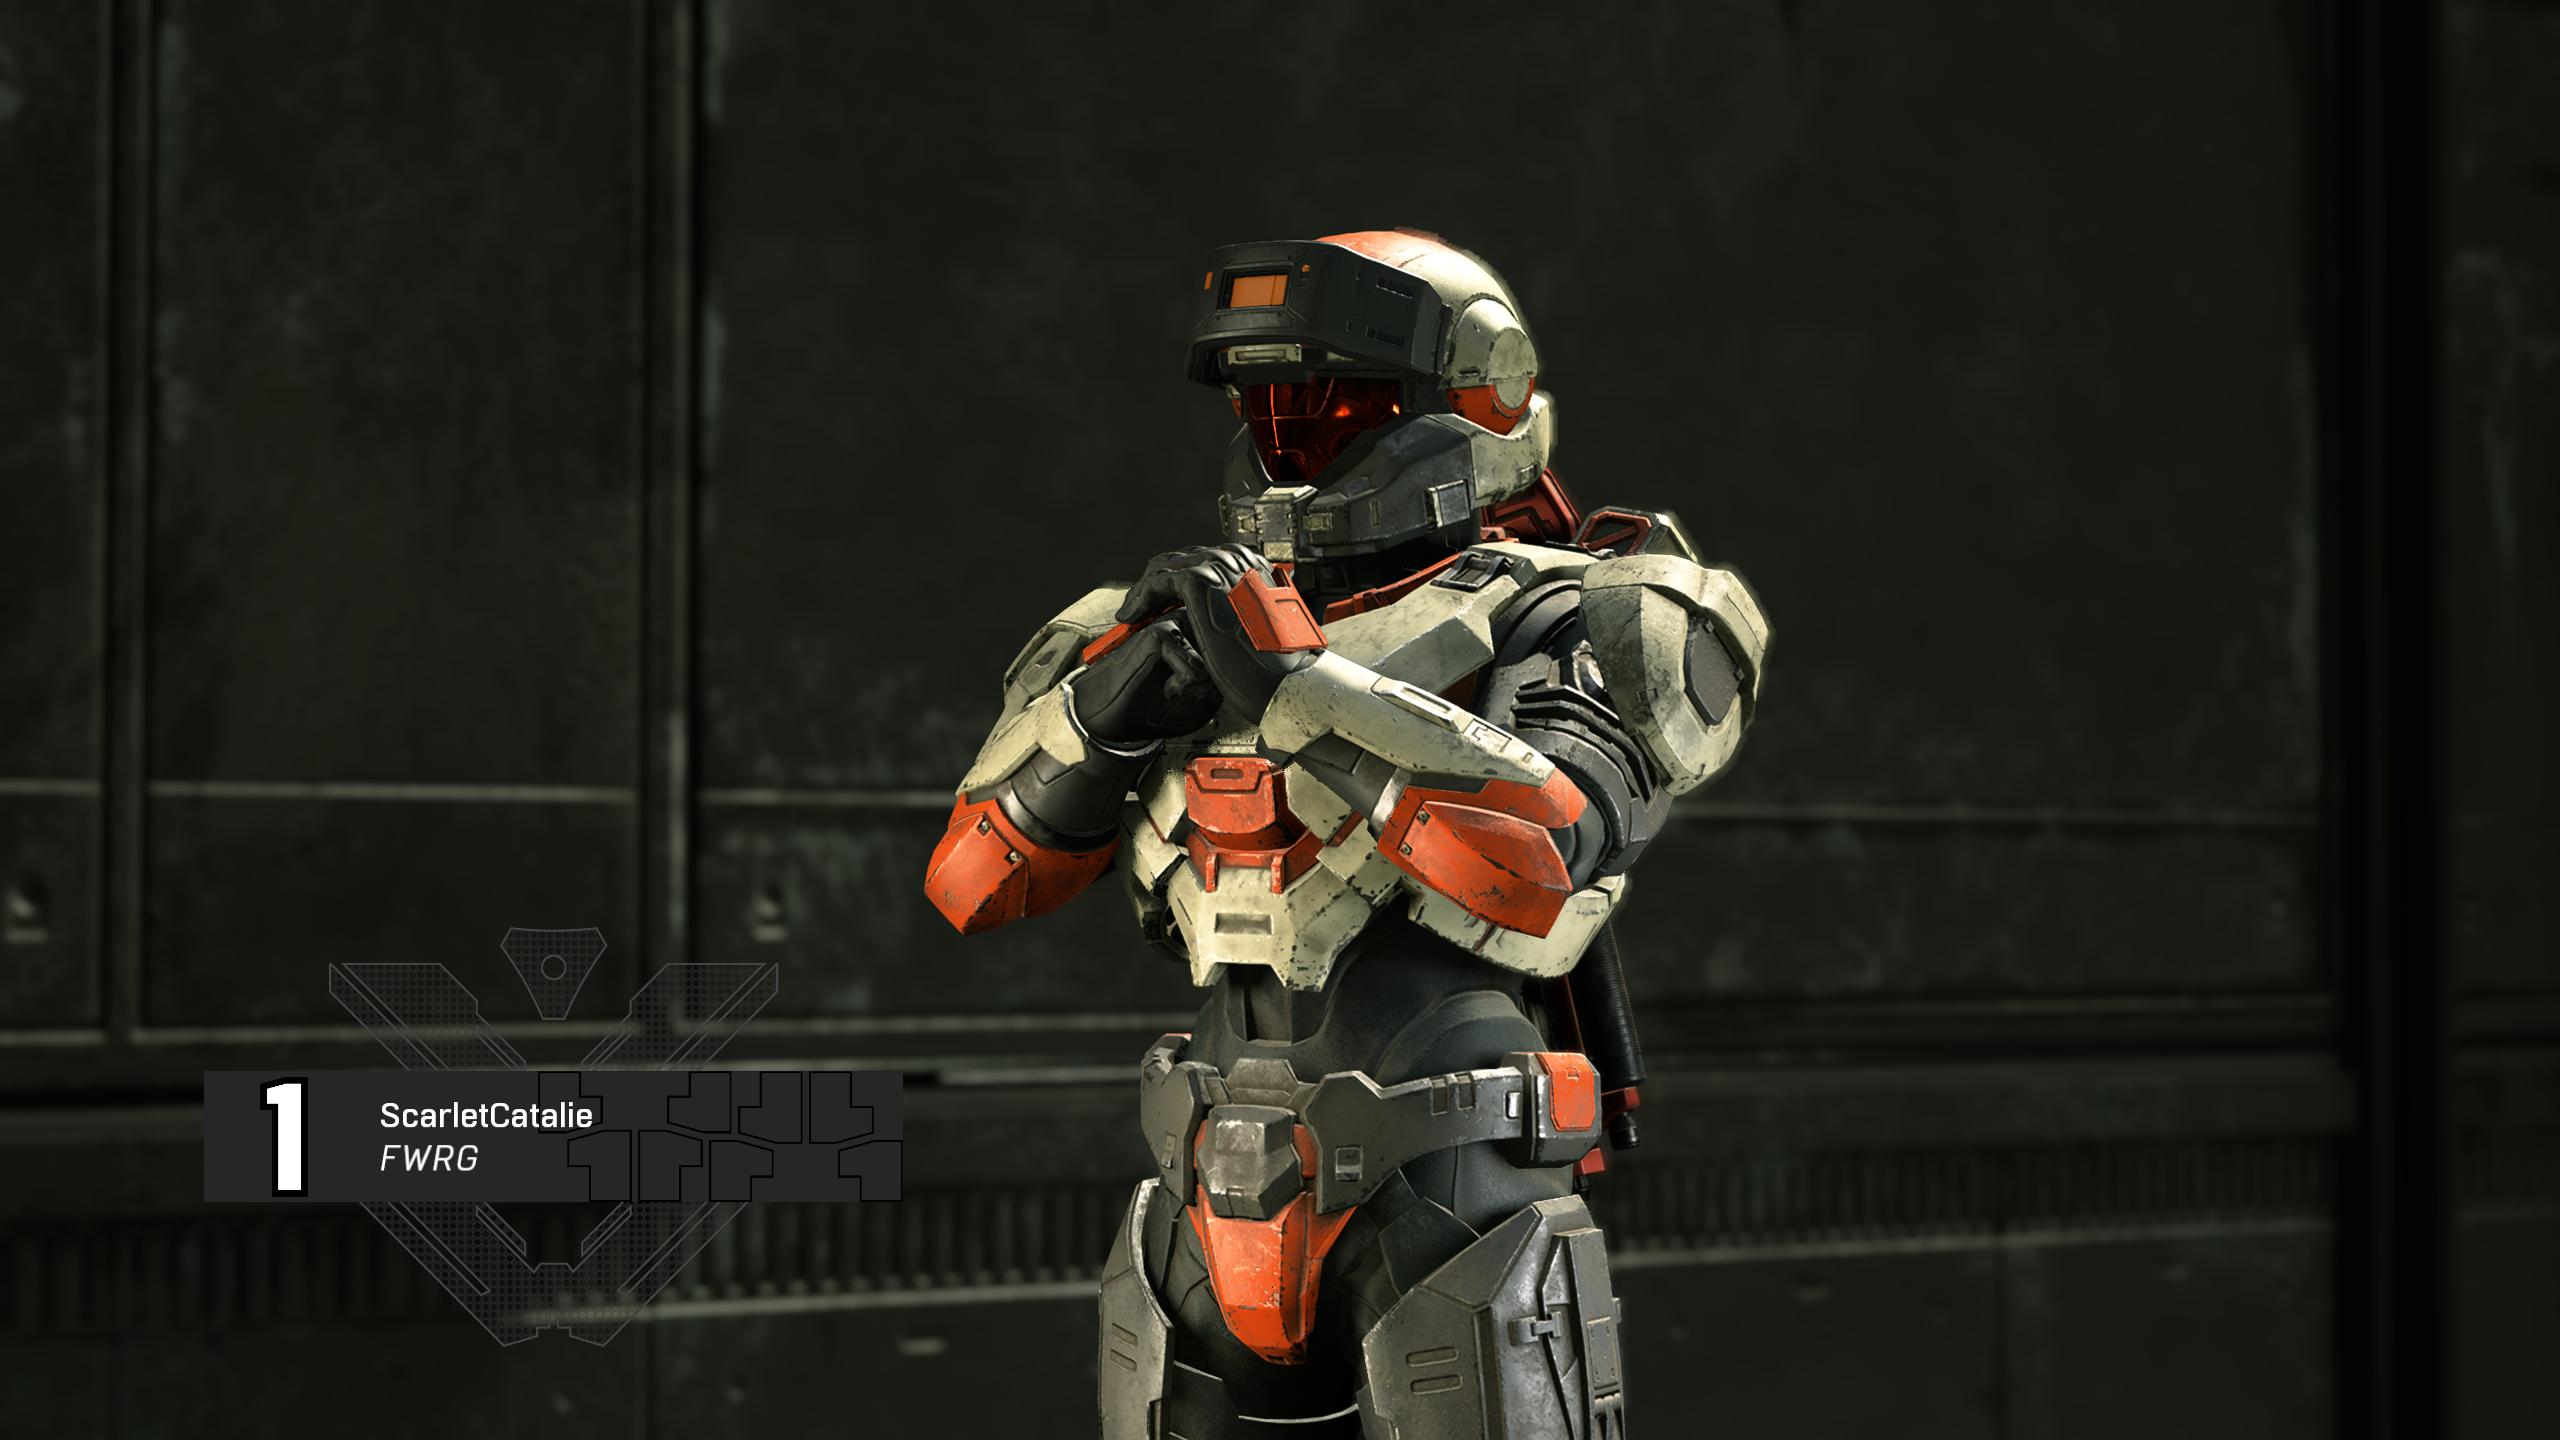 A Halo spartan cracks their knuckles